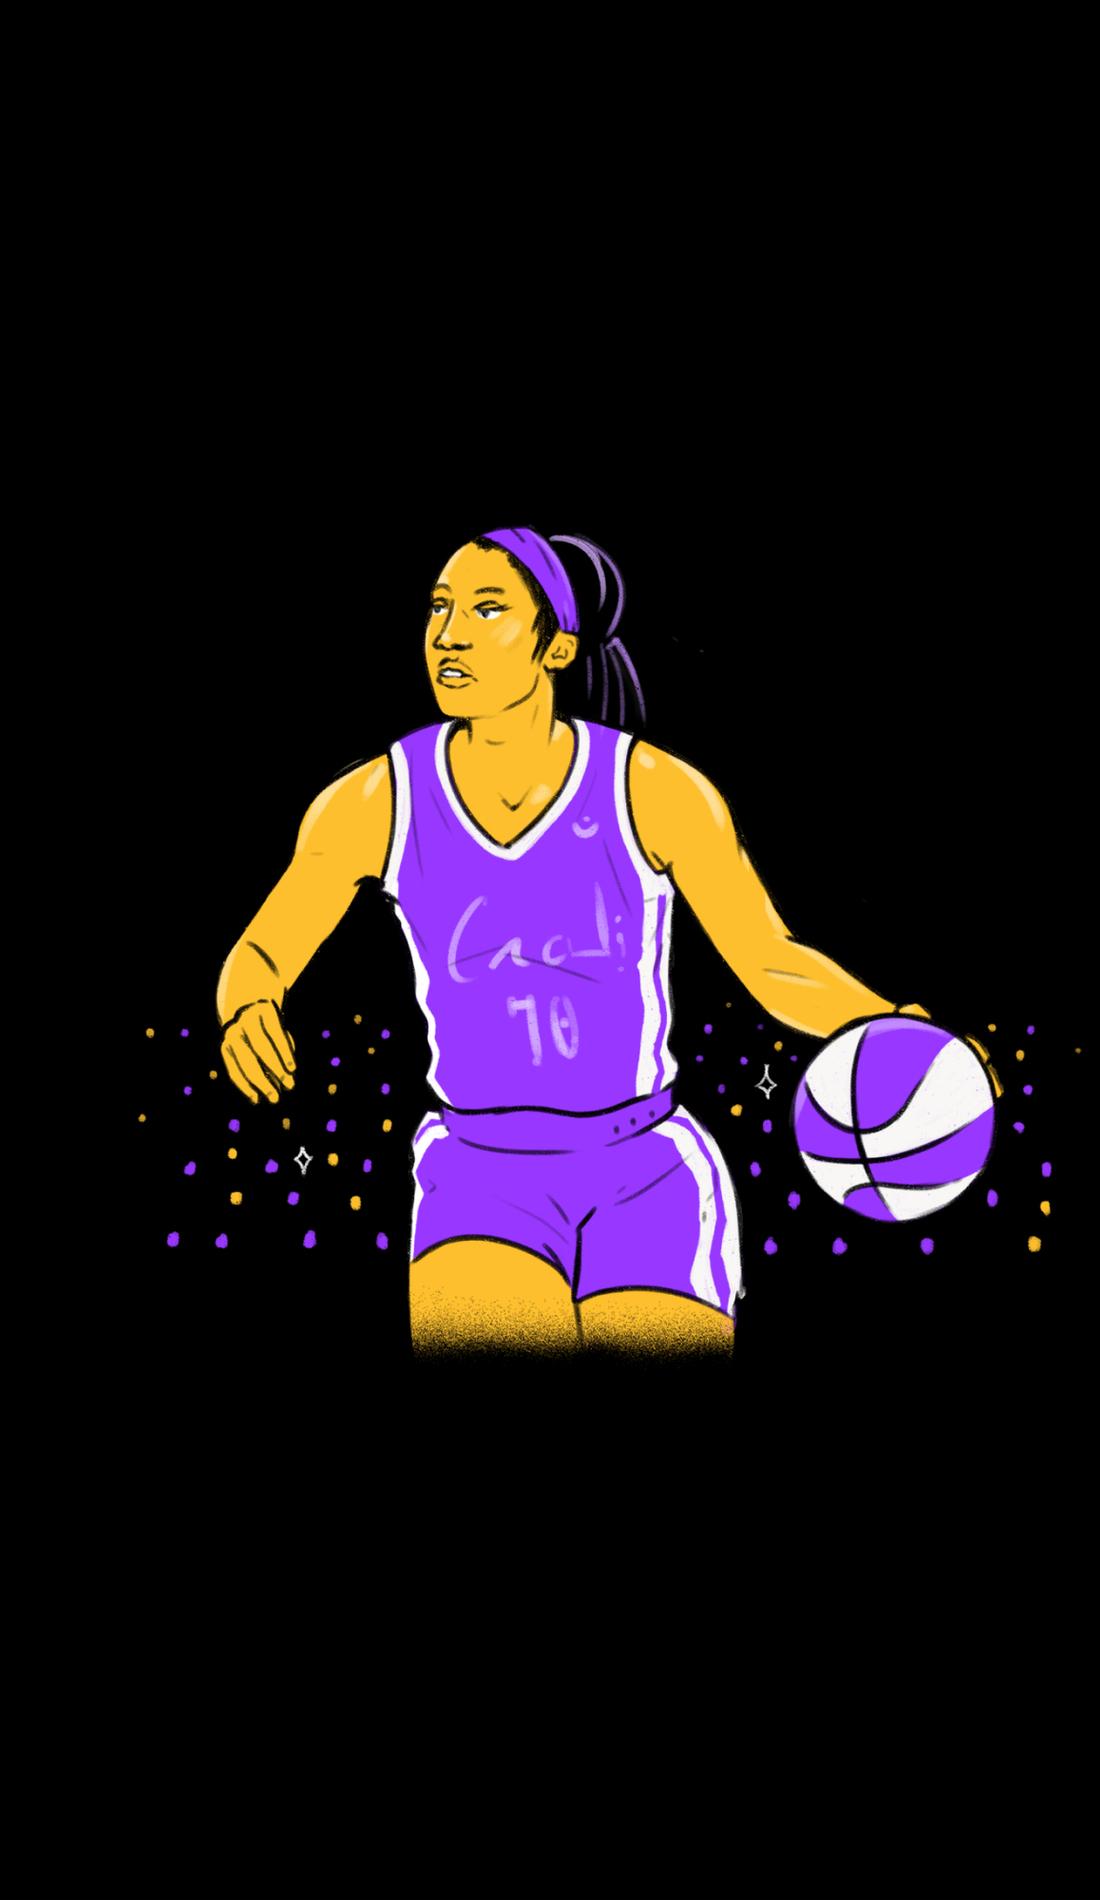 A Saint Louis Billikens Womens Basketball live event